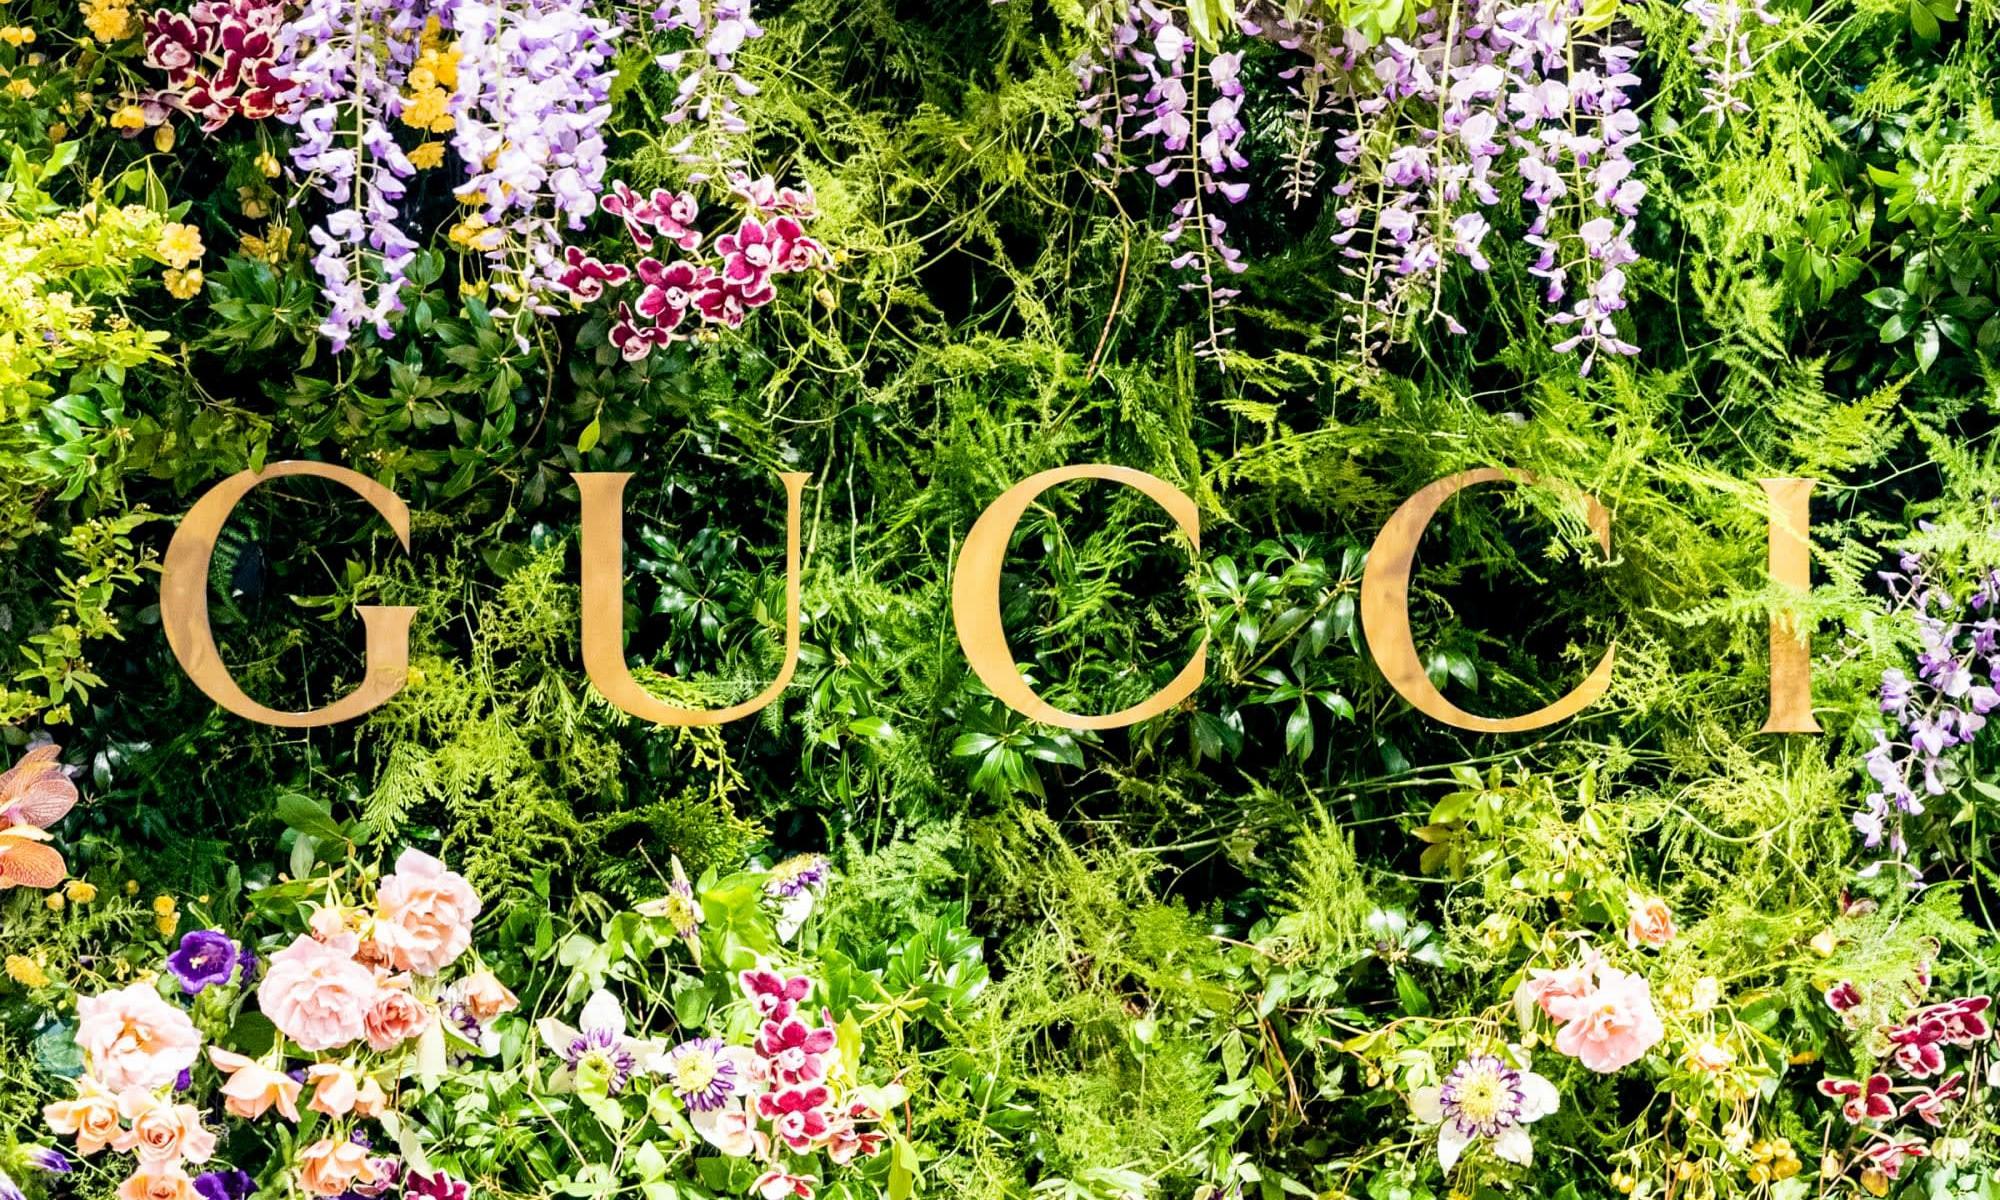 GUCCI 将于 11 月在洛杉矶举办 100 周年纪念时装秀